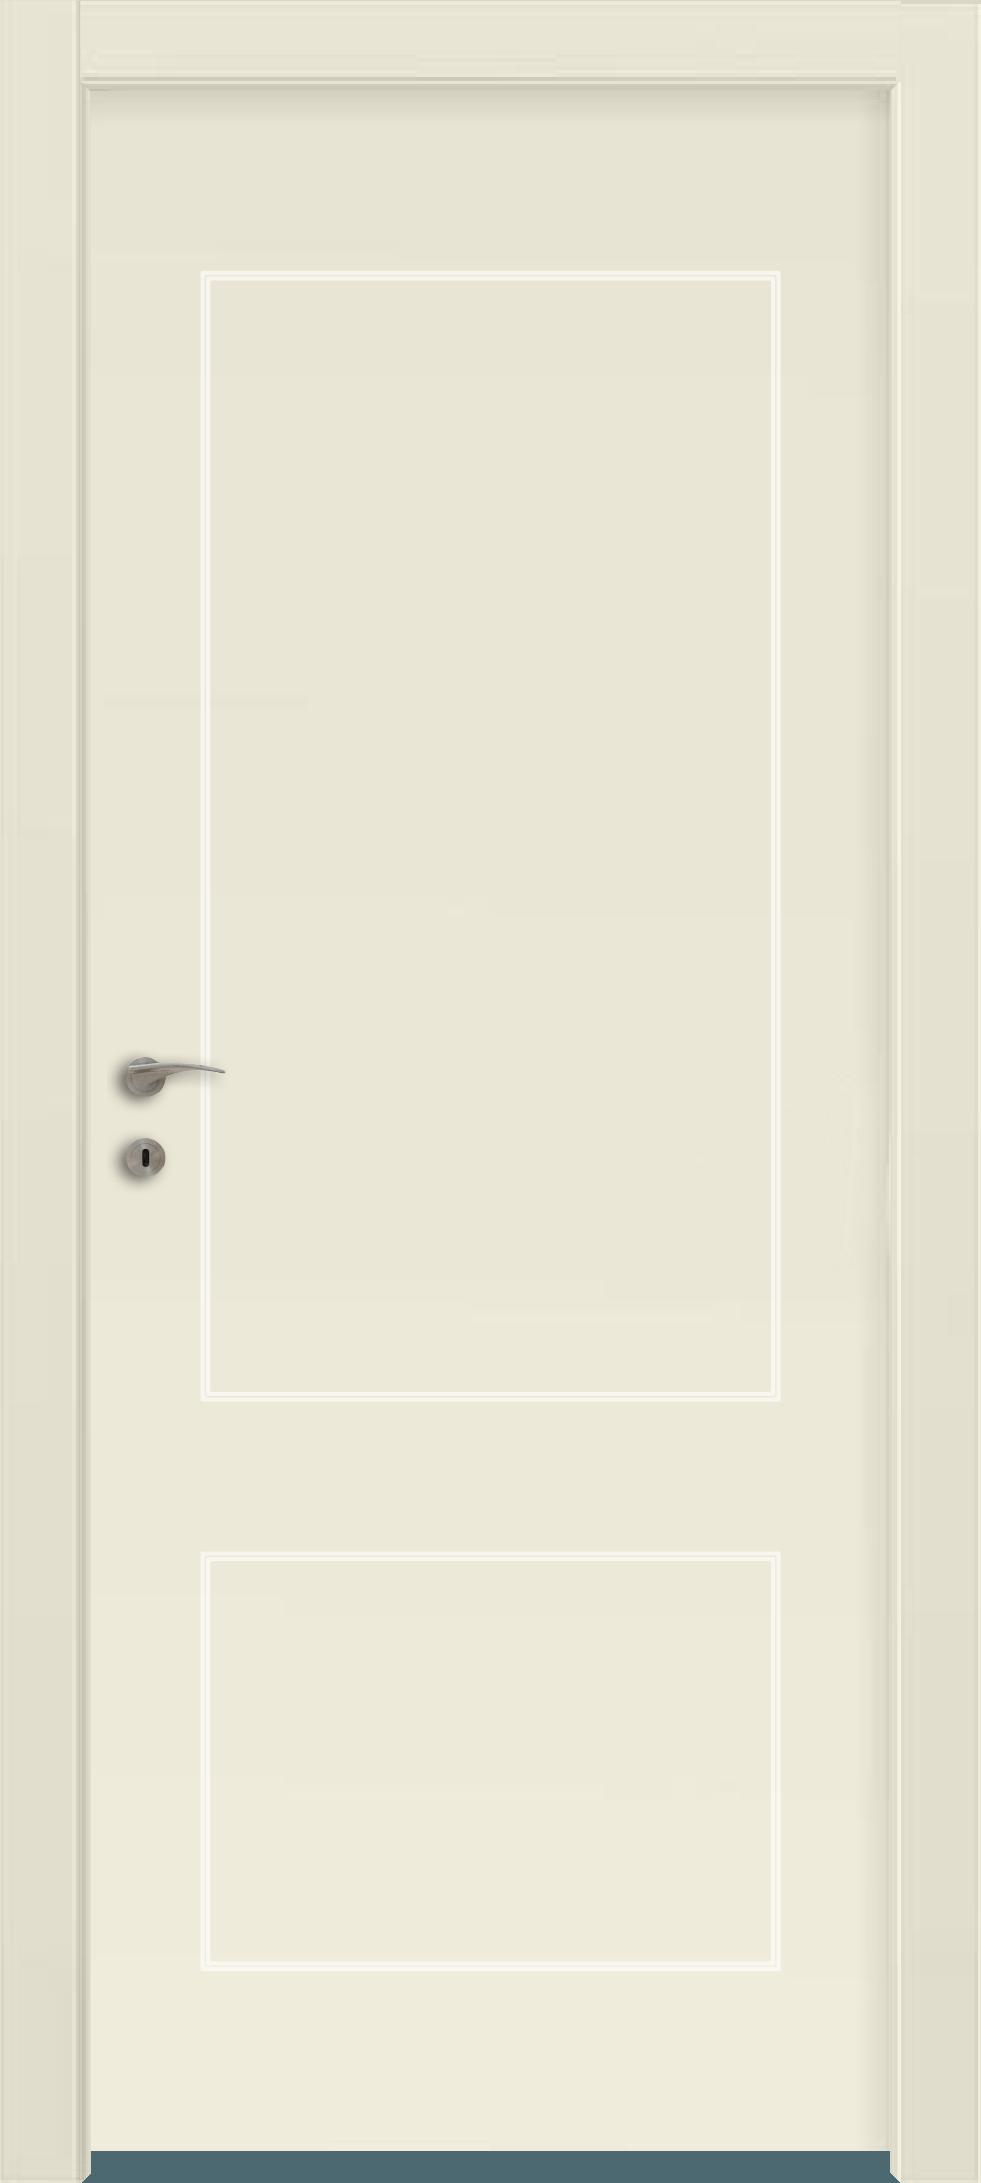 דלתות פנים - חירוץ 2 שמנת